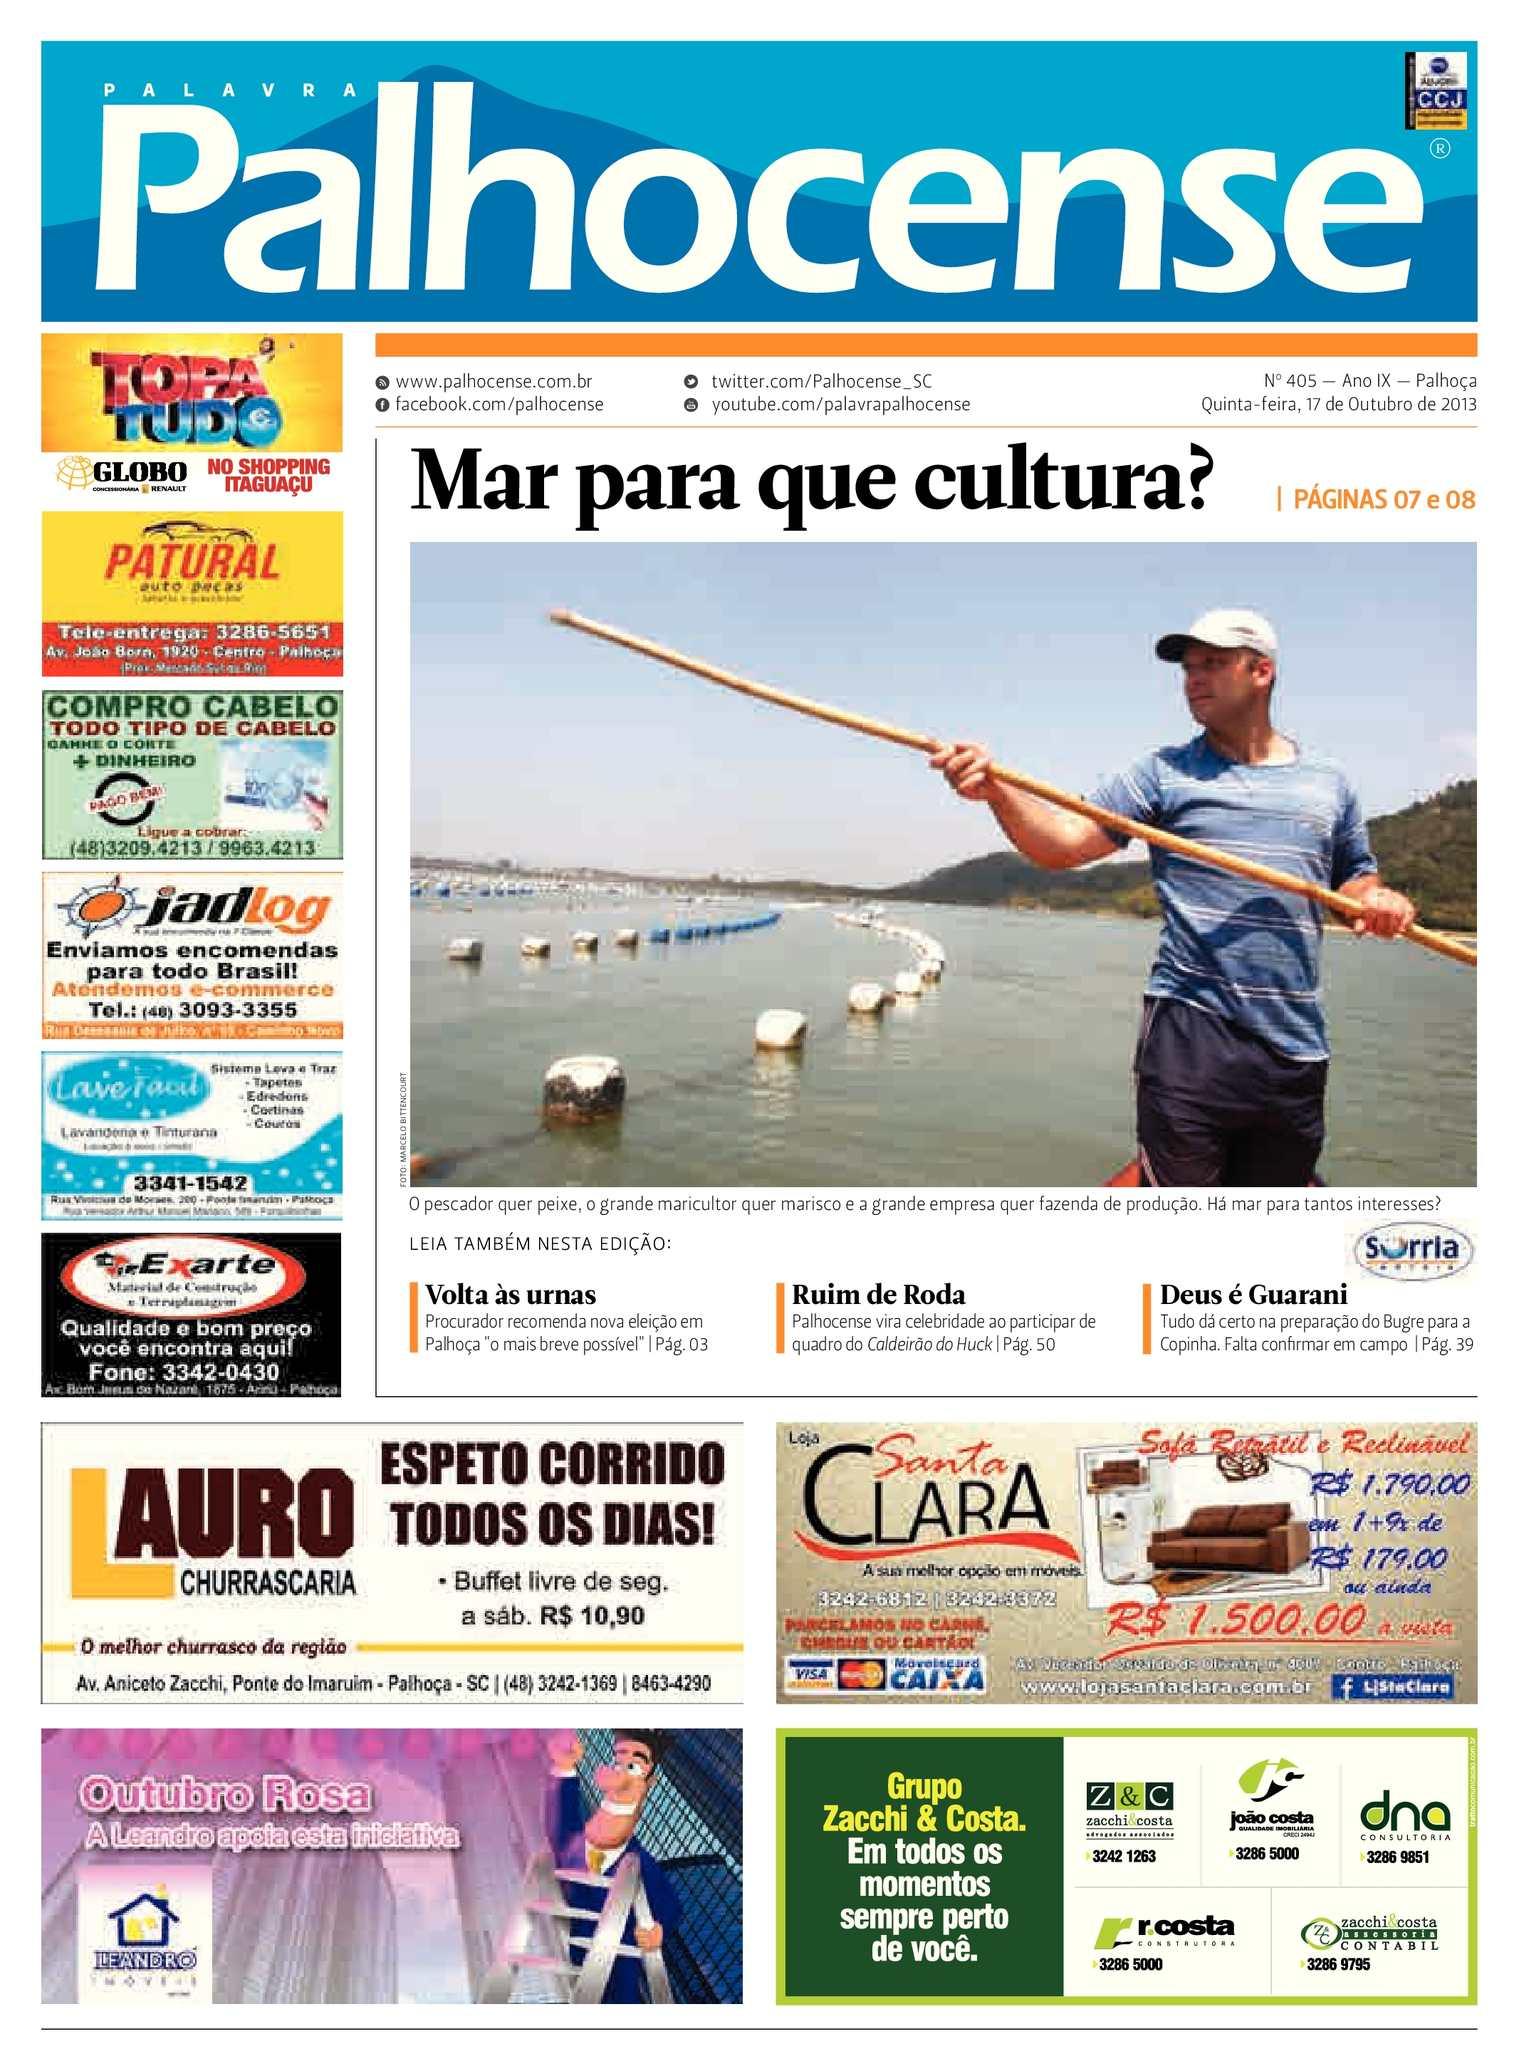 Calaméo - Jornal Palavra Palhocense - Edição 405 6a045f8c0aa2d